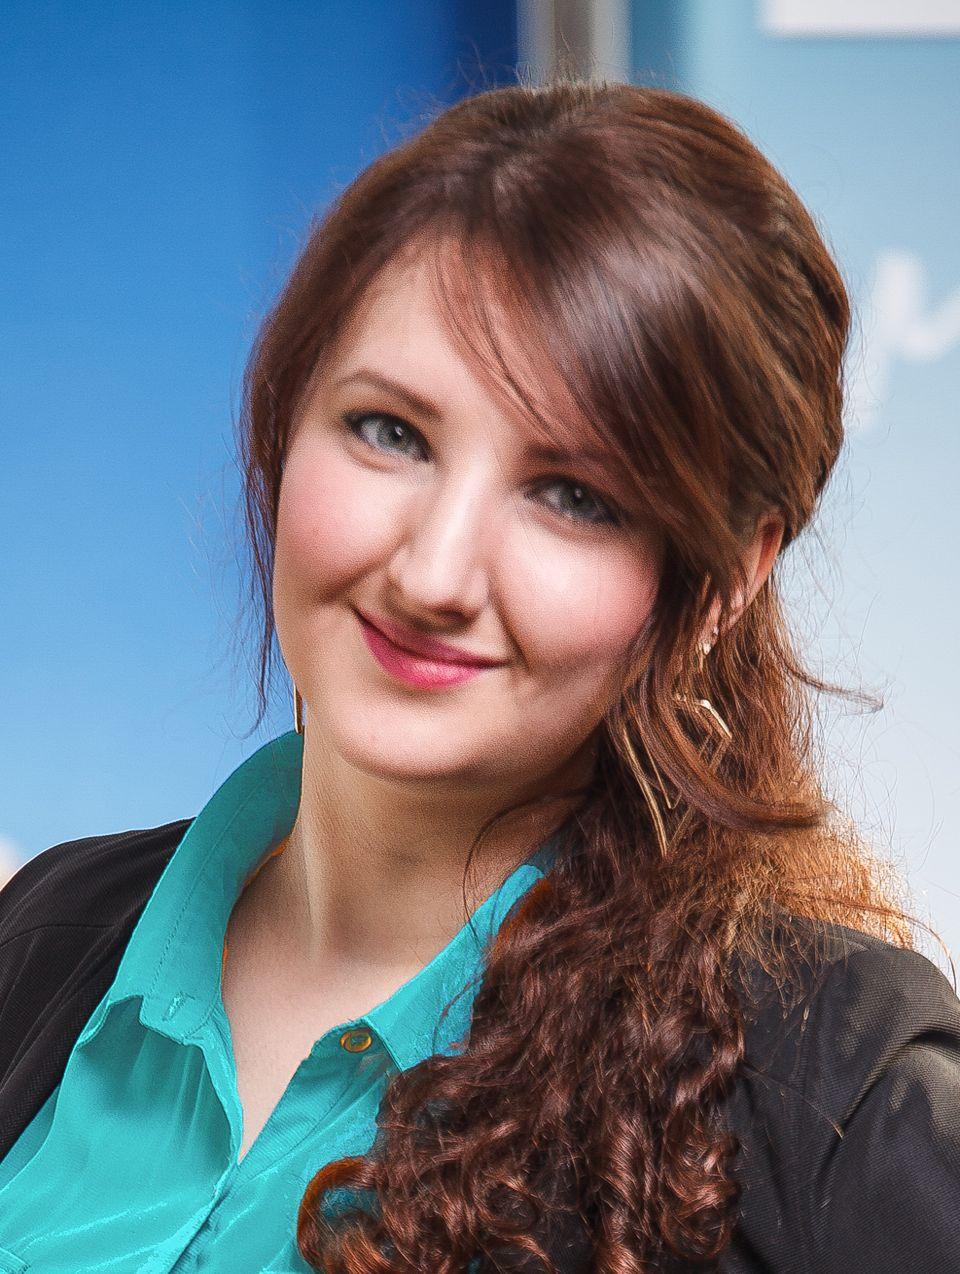 Violetta Merekin